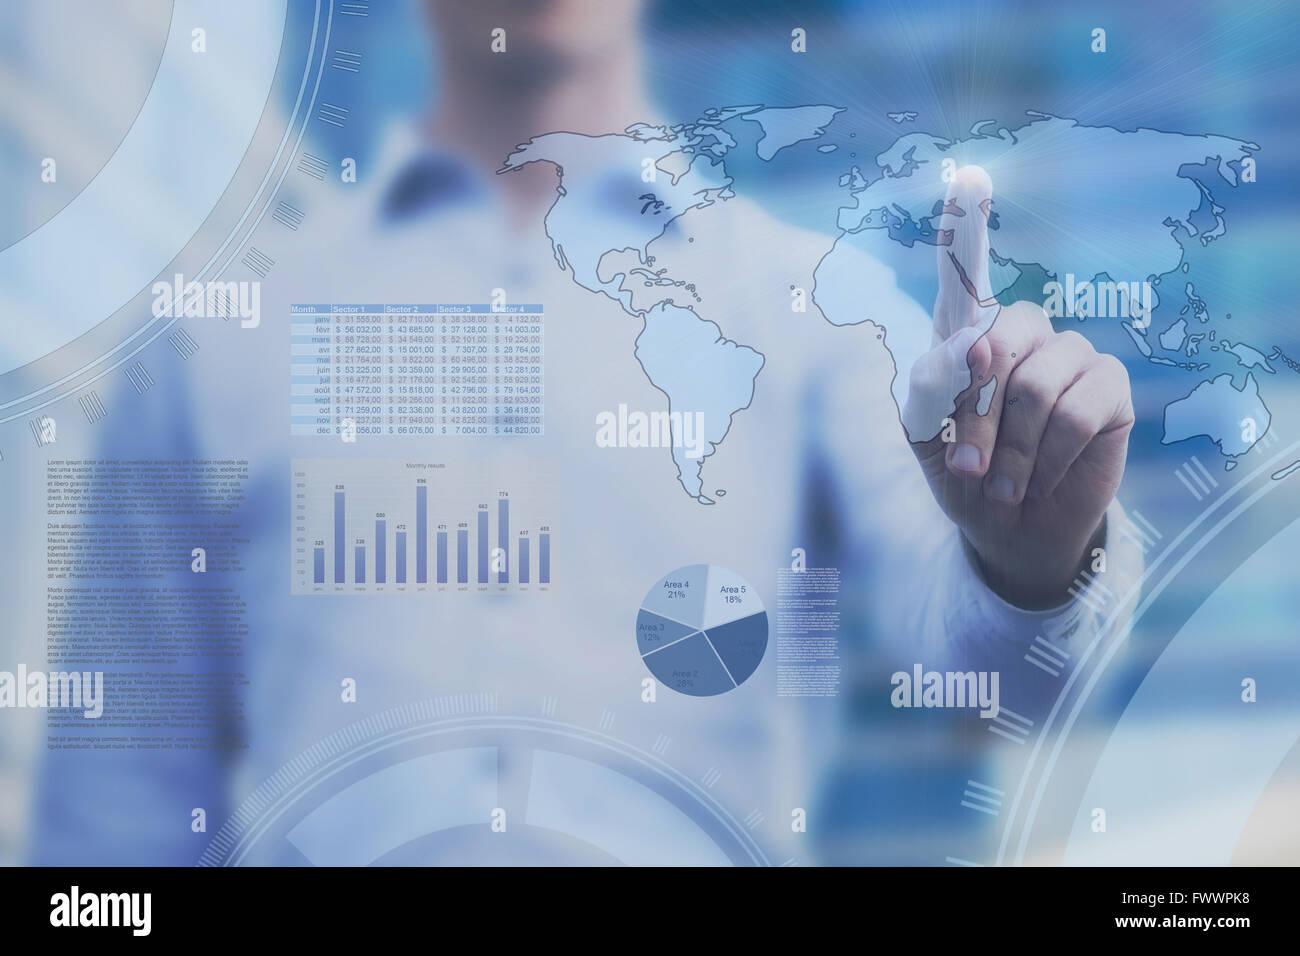 Il concetto di business sul touch screen, global trading analytics, cruscotto con mappa del mondo e infographics Immagini Stock